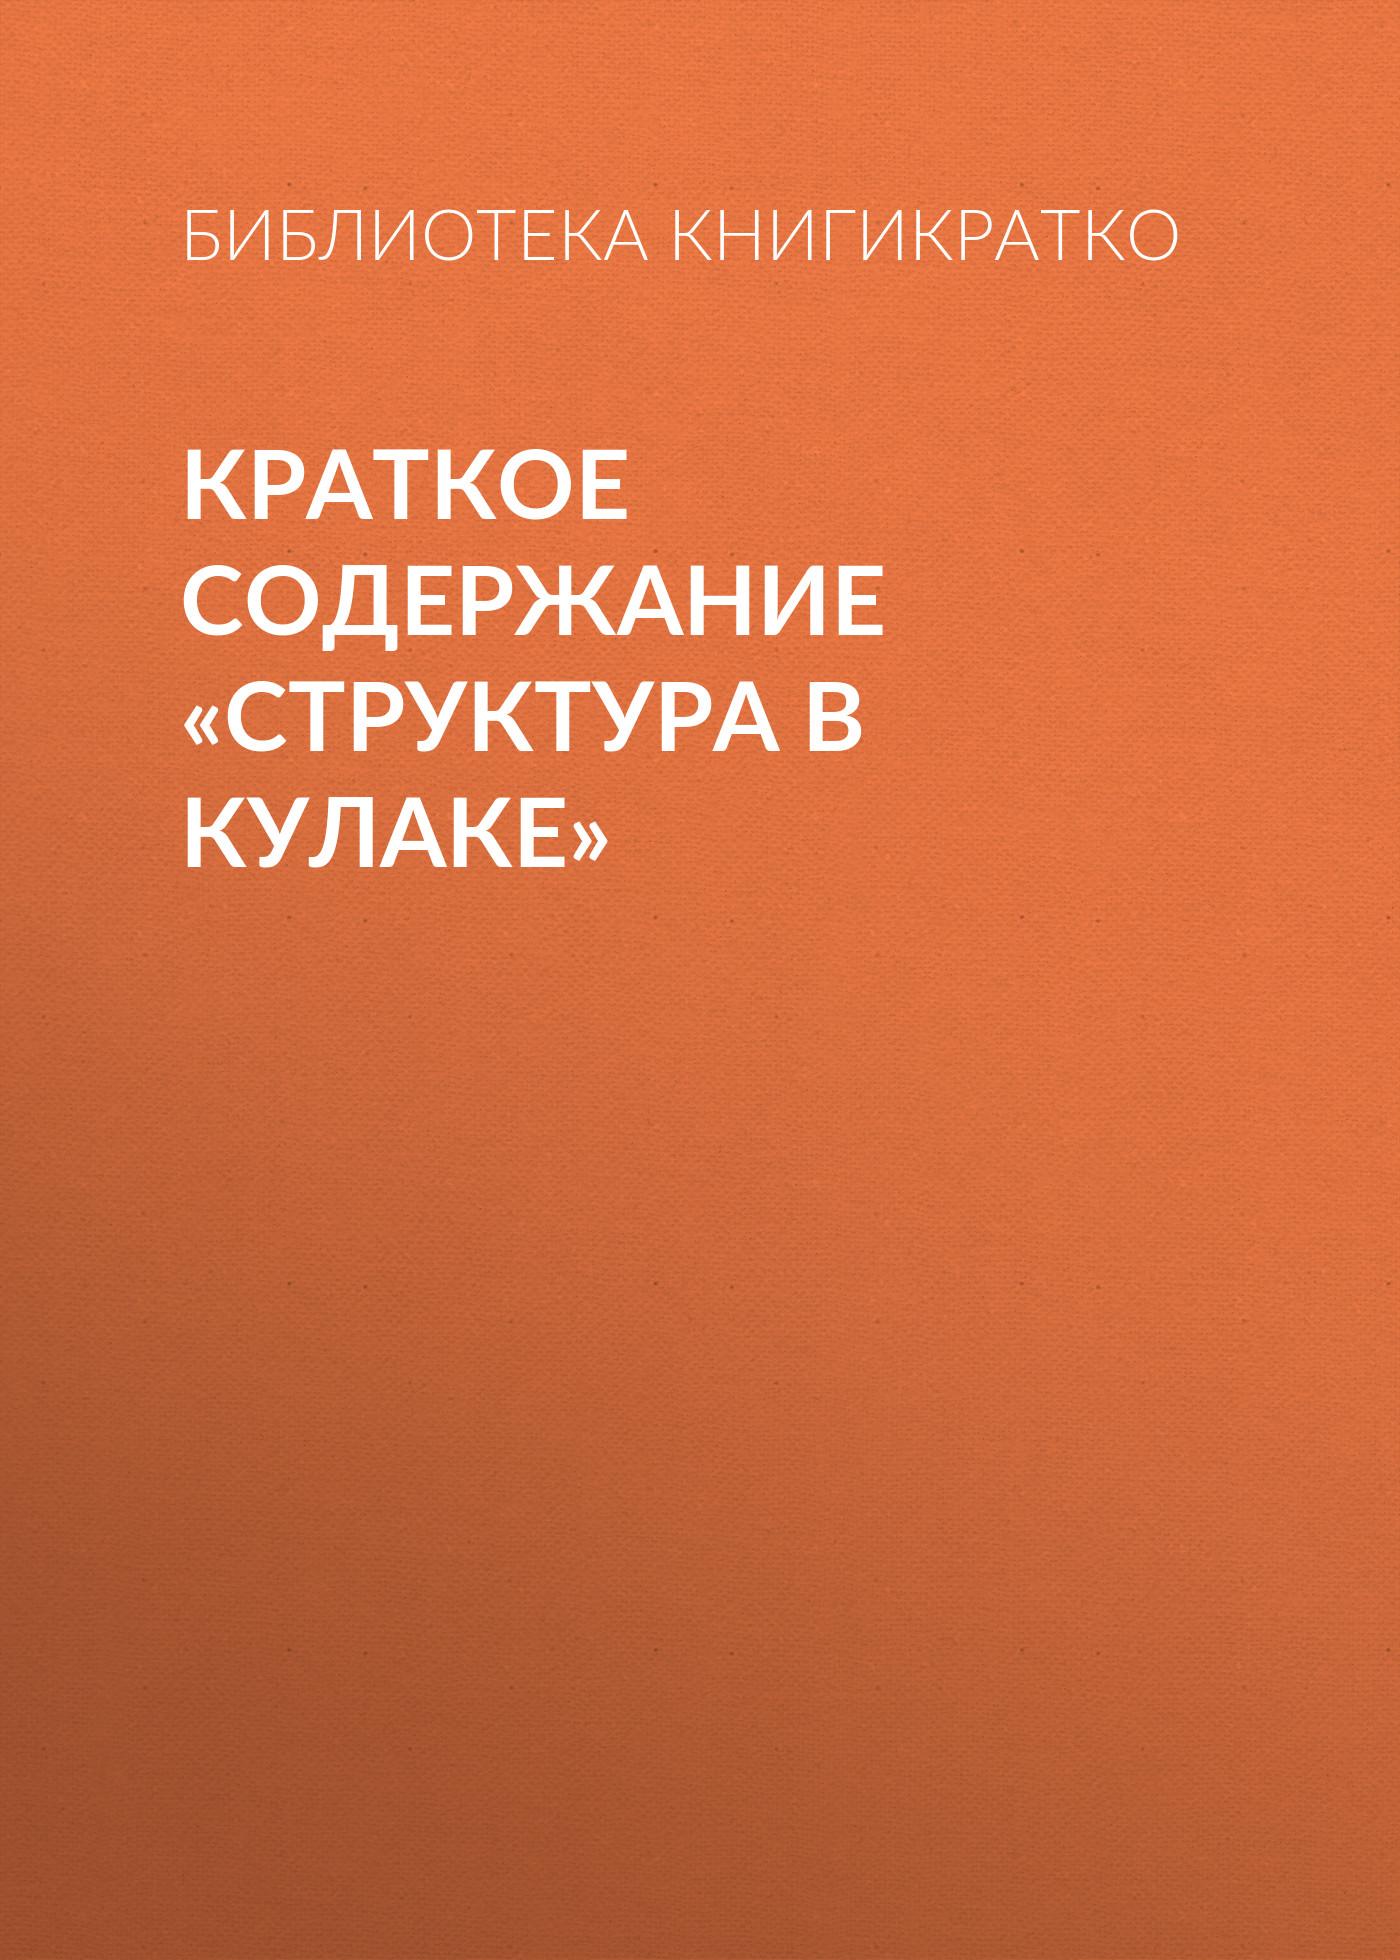 Библиотека КнигиКратко Краткое содержание «Структура в кулаке» denso ixu01 31